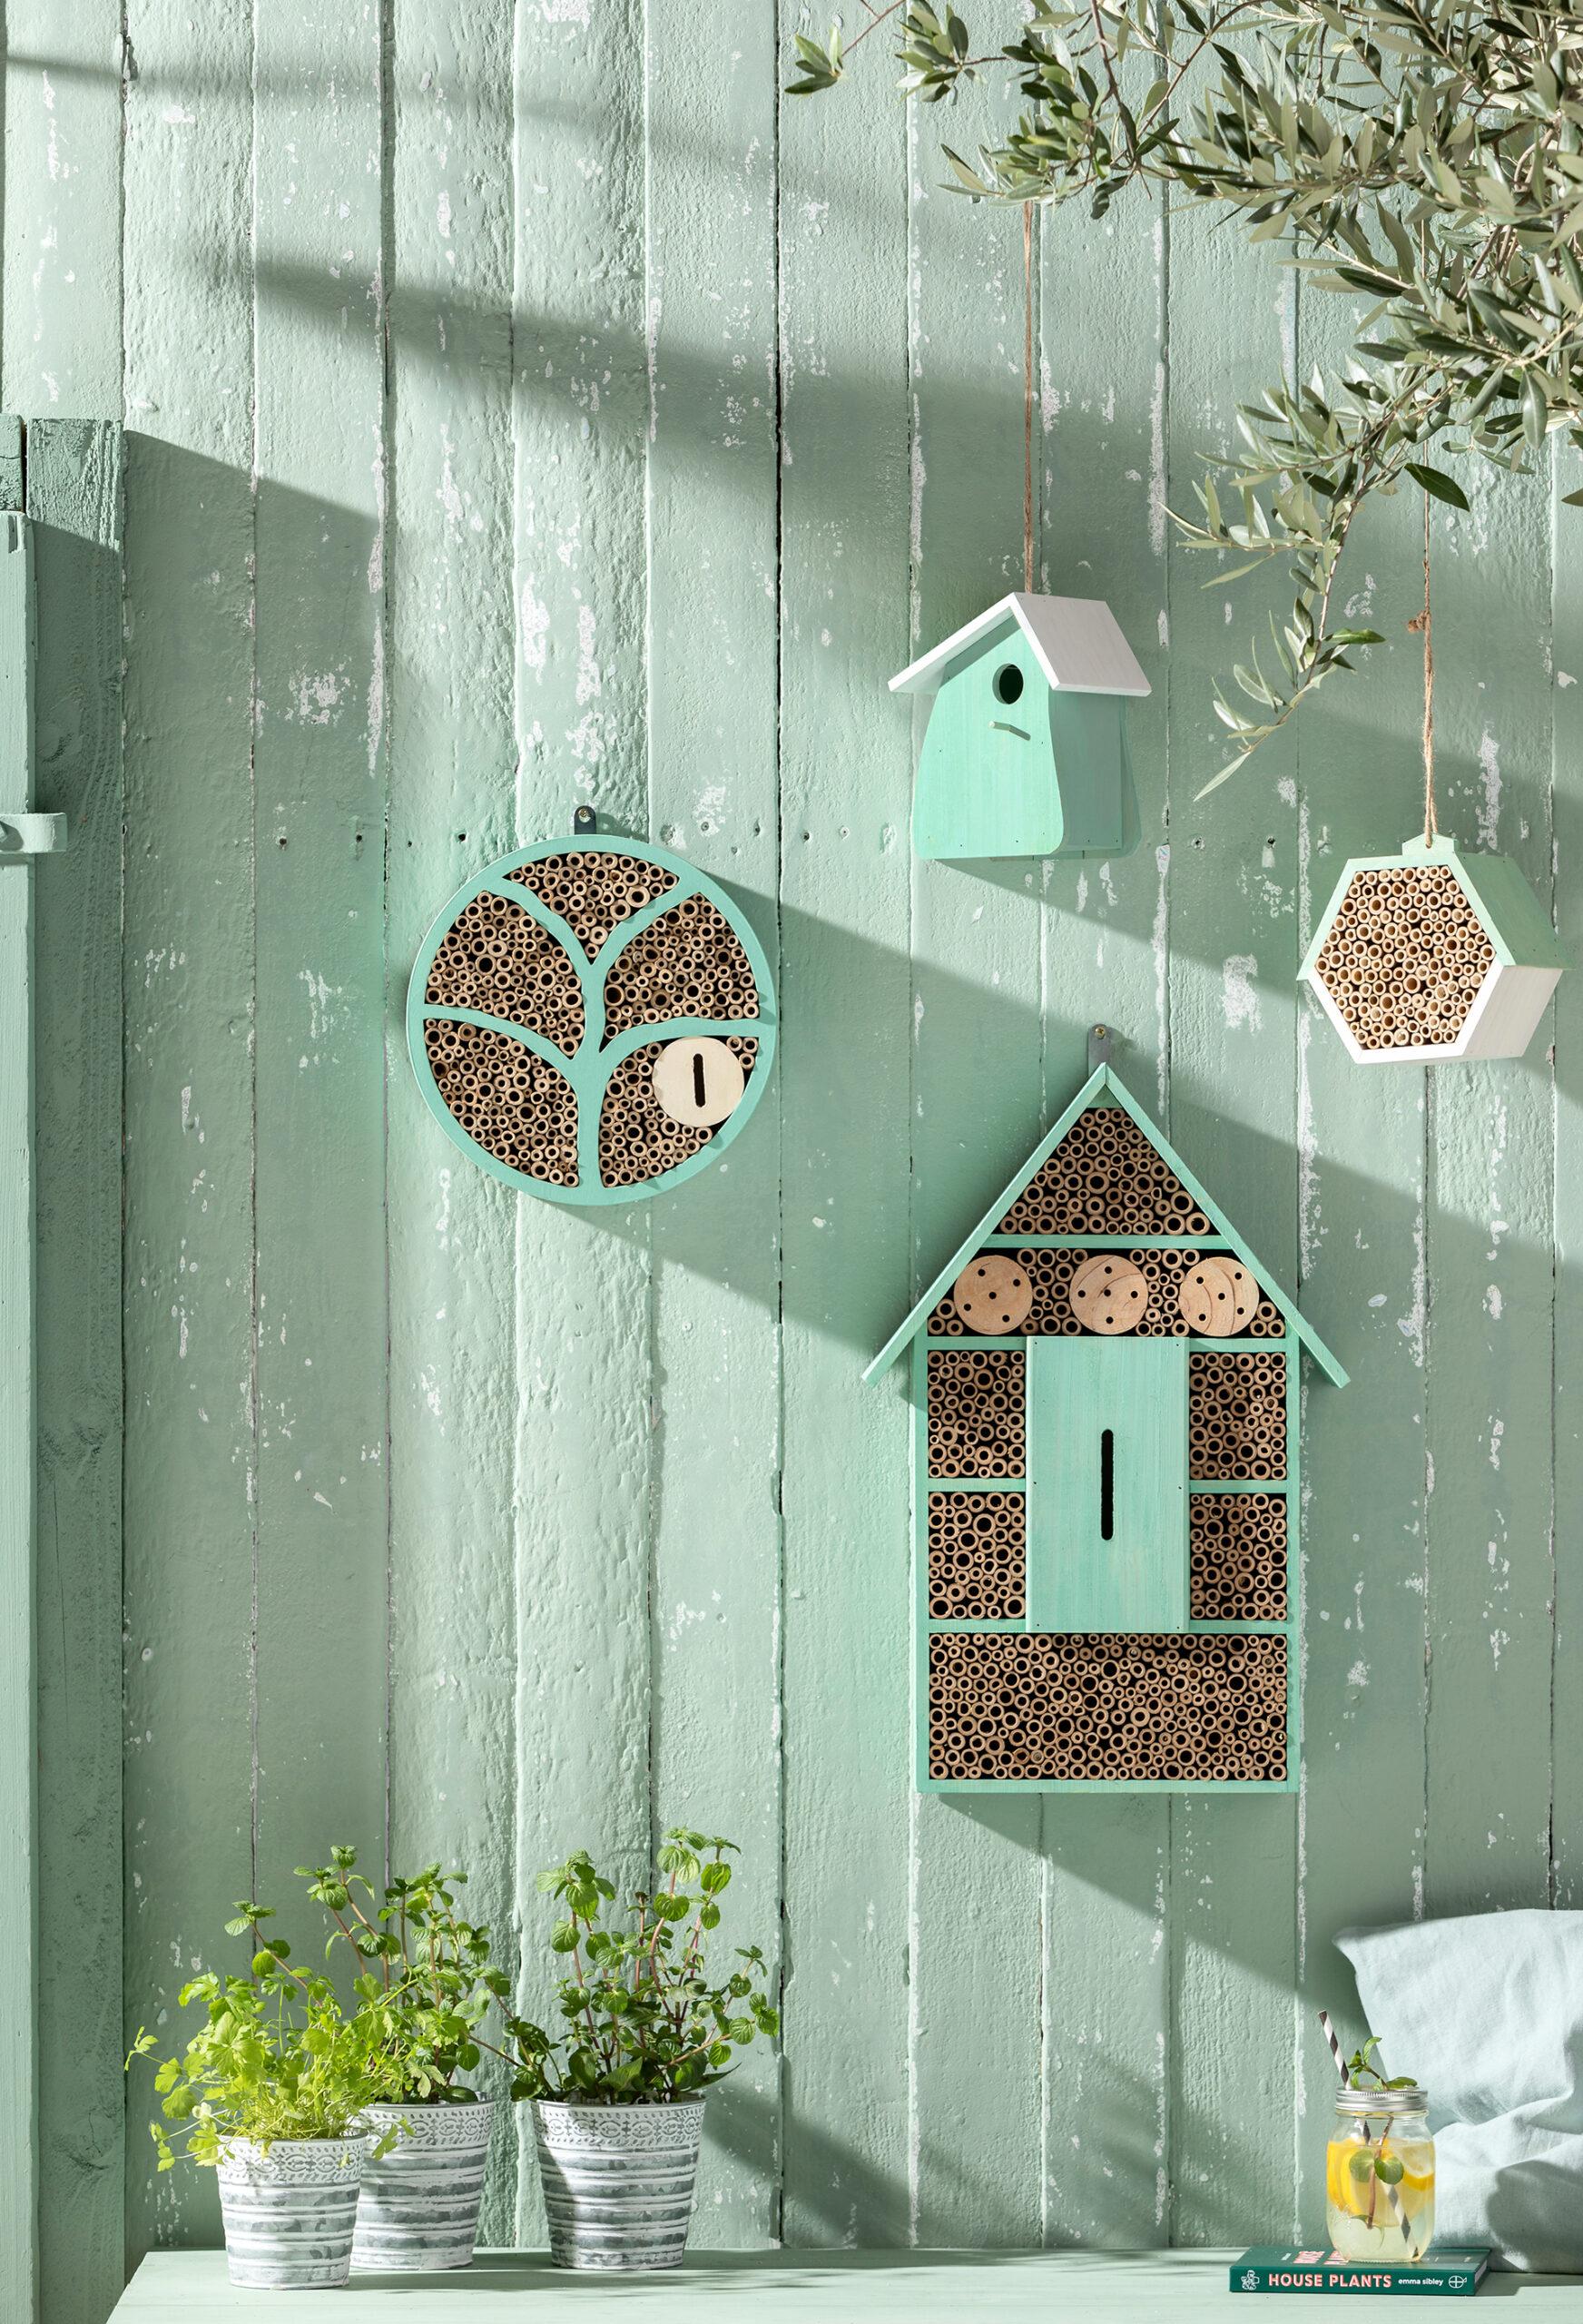 Neben Insektenhäusern sollten auch Nistkästen für Vögel in keinem naturnahen Garten fehlen